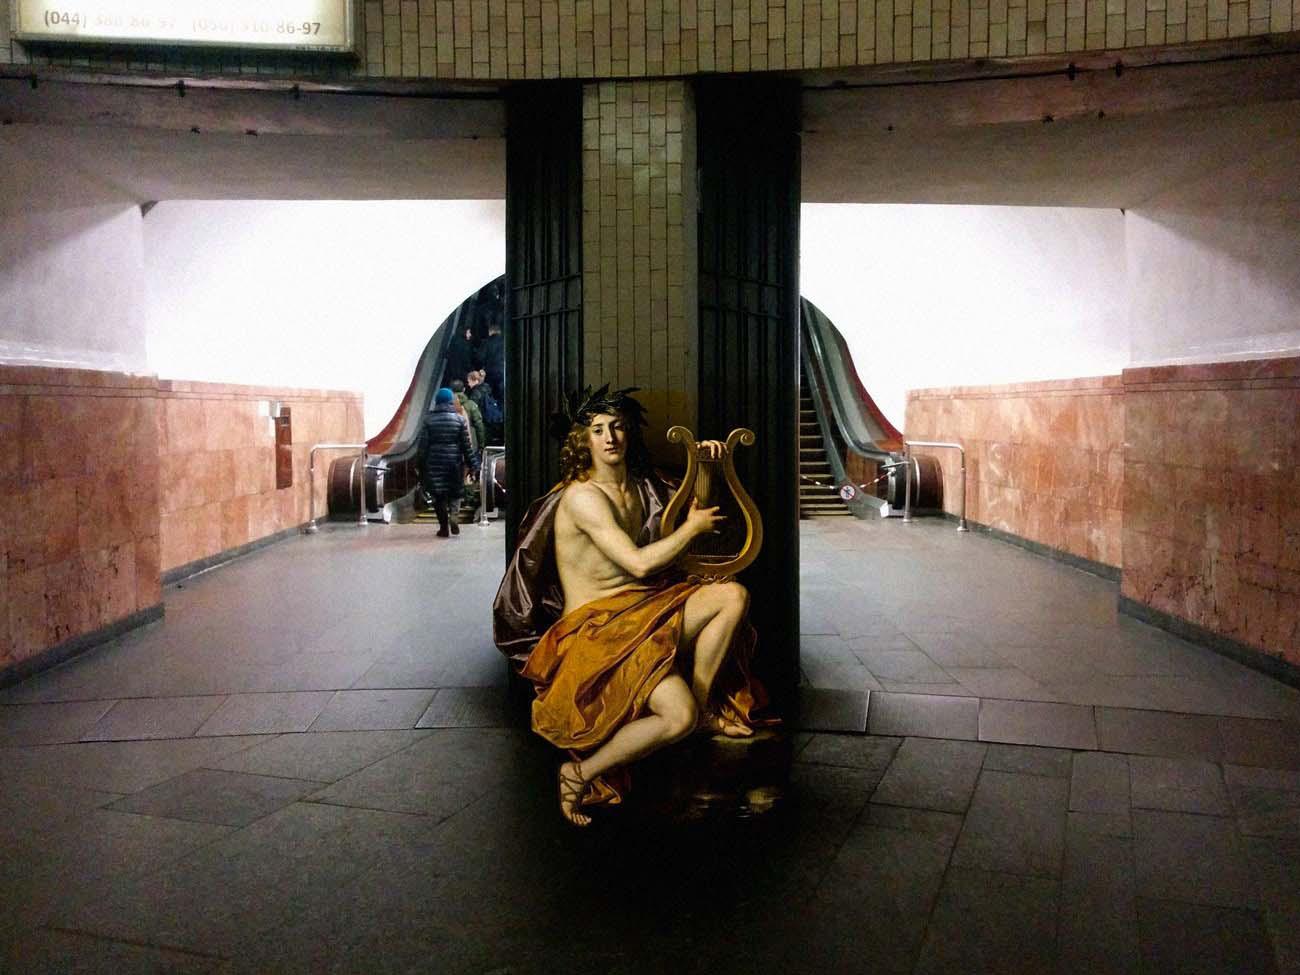 Este artista imagina personajes de pinturas clásicas dentro de escenas de nuestra vida actual. ¡ALUCINANTE!